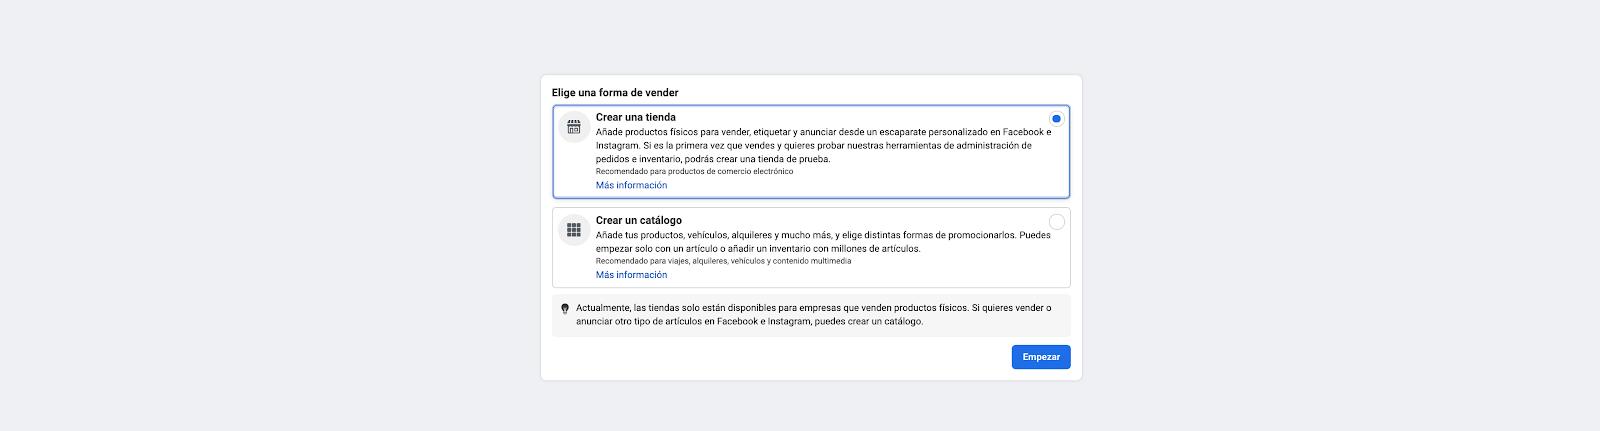 Cómo añadir un Catálogo de Facebook